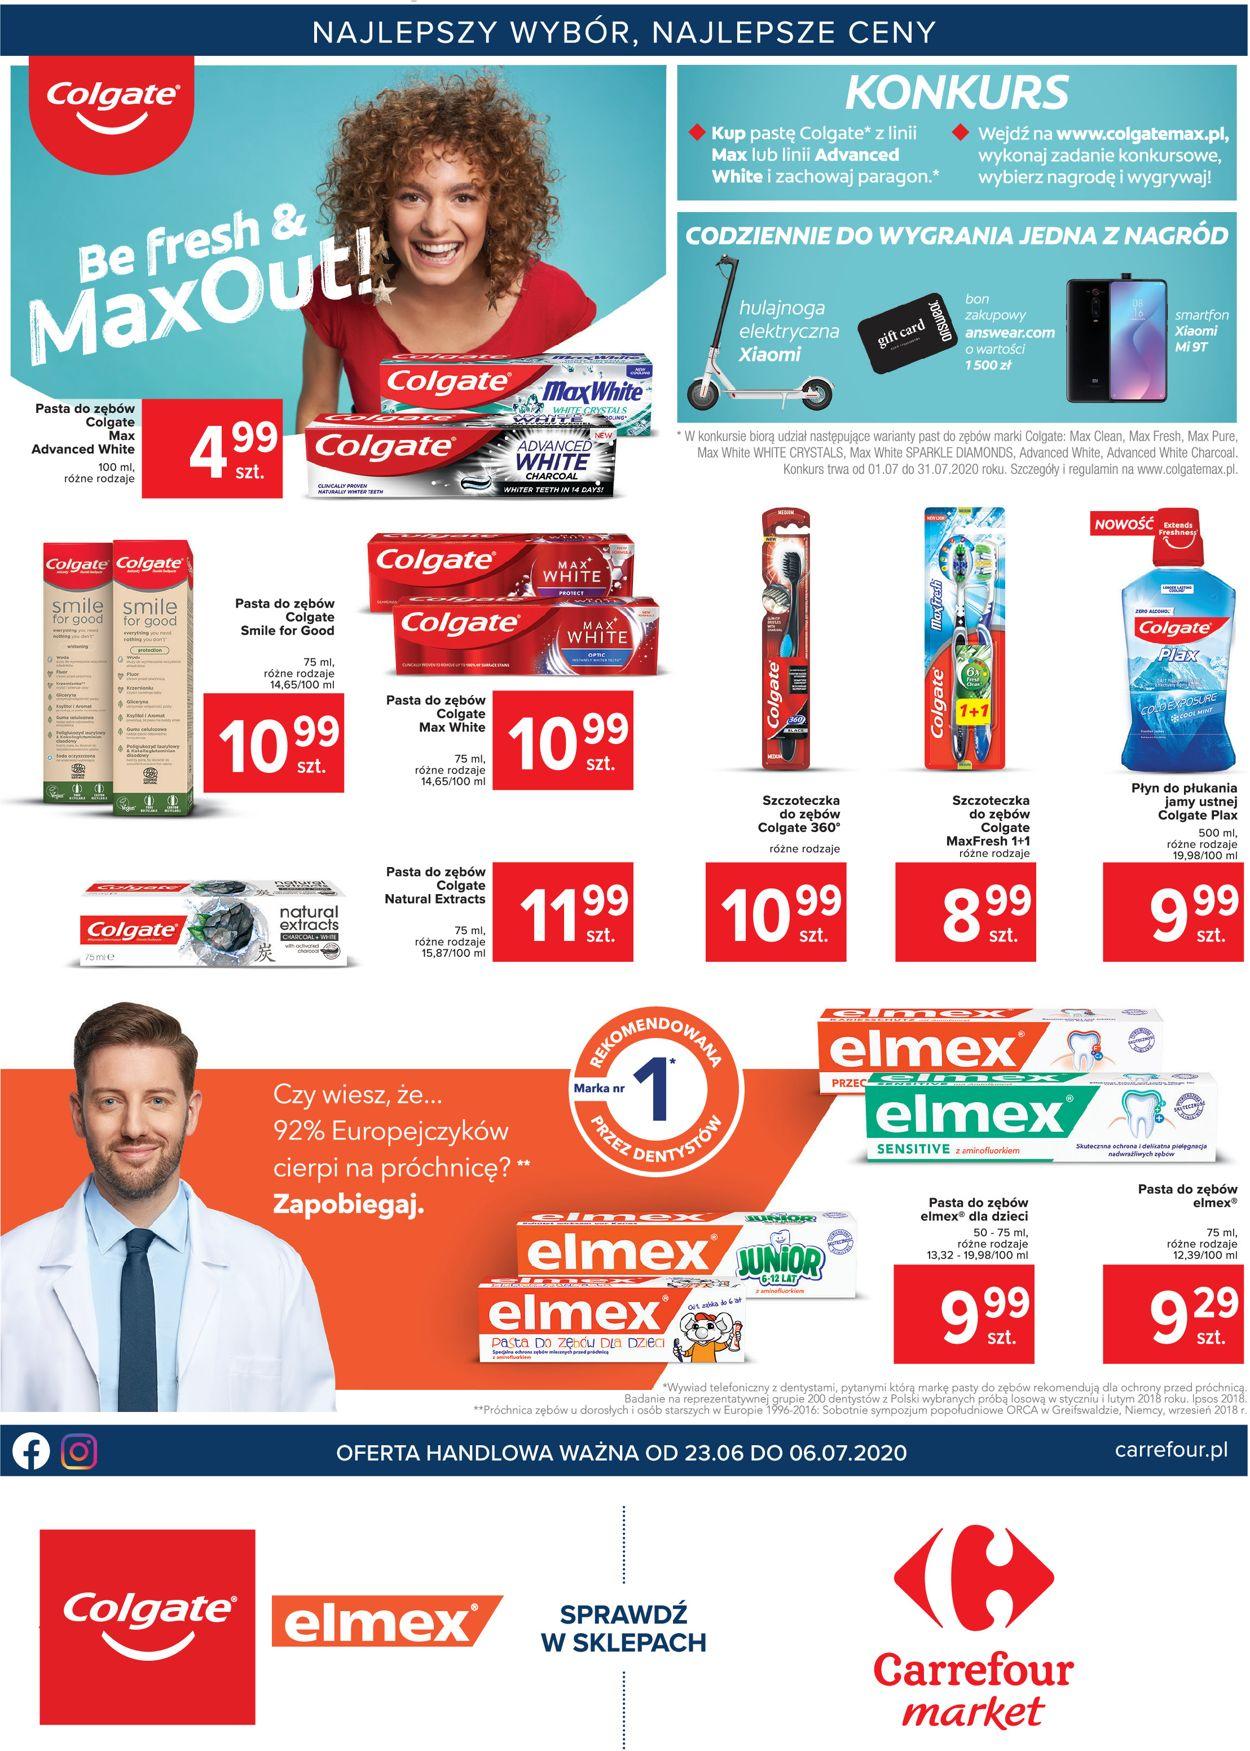 Gazetka promocyjna Carrefour Market - 23.06-06.07.2020